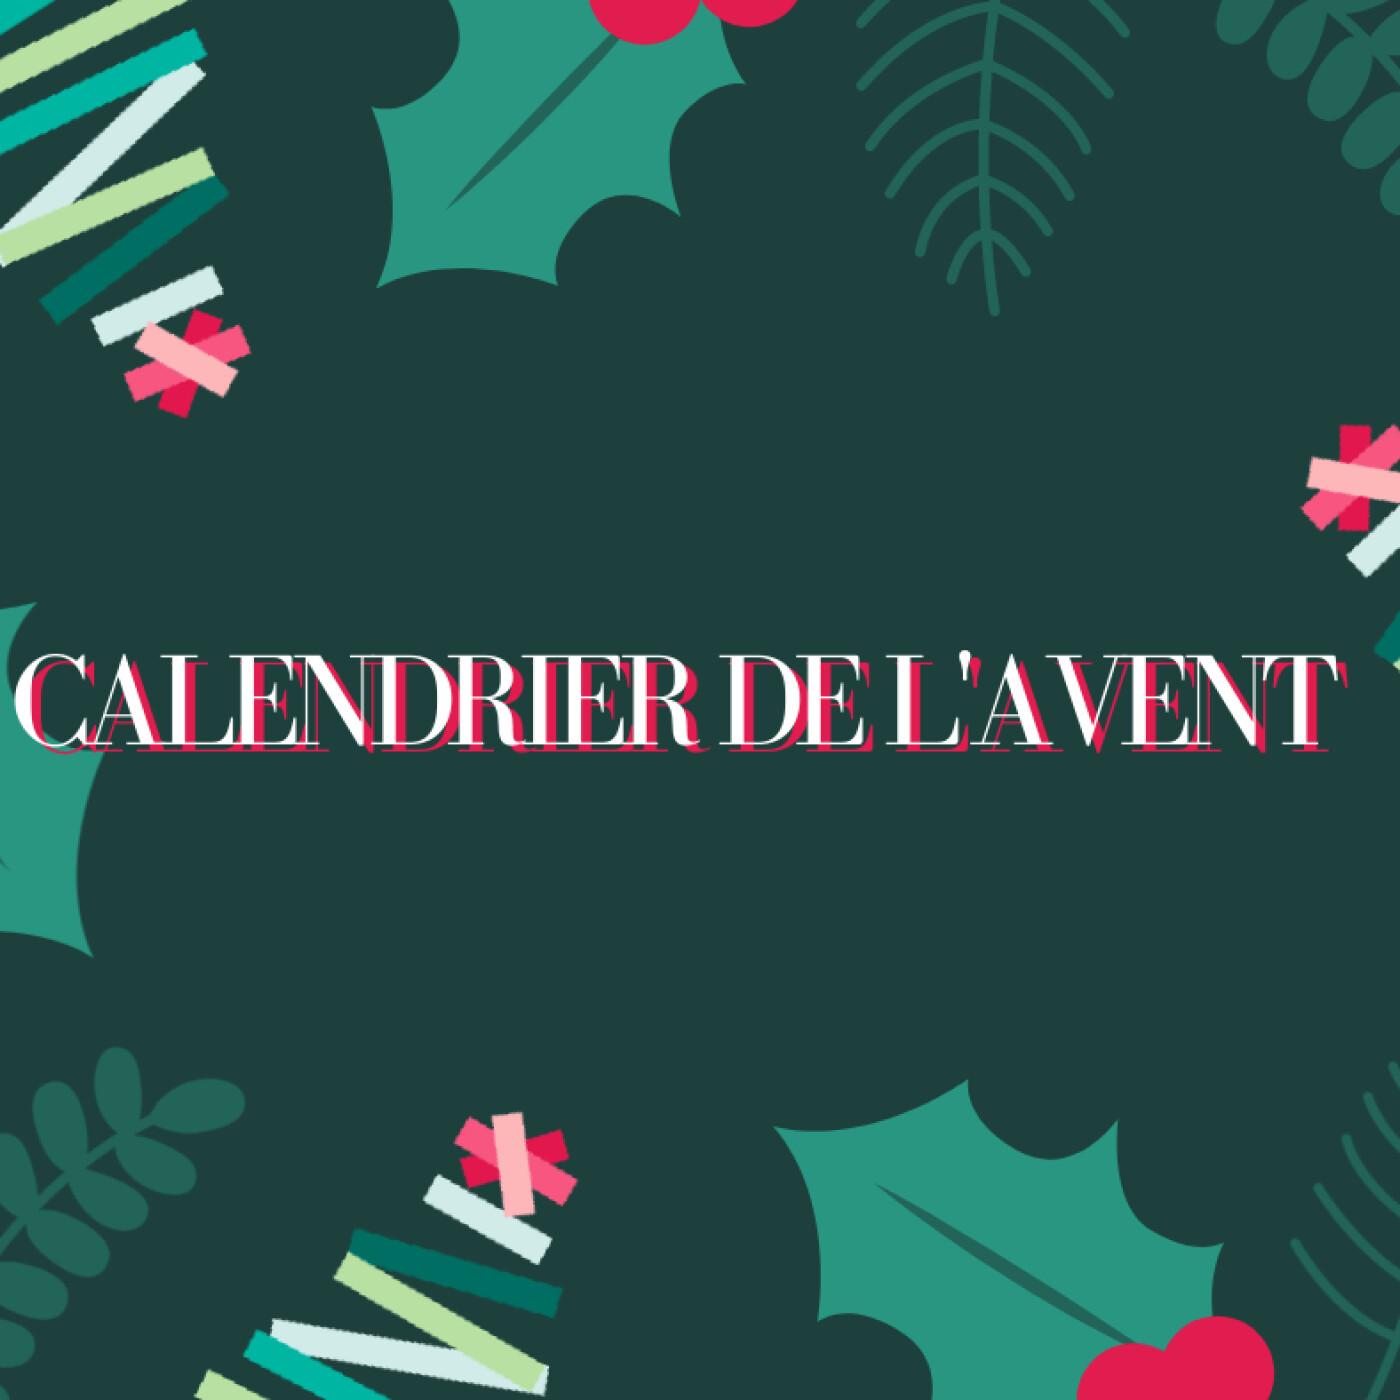 Advent Calendar # 22 - Les jugements statuant en termes injurieux, mais drôles !